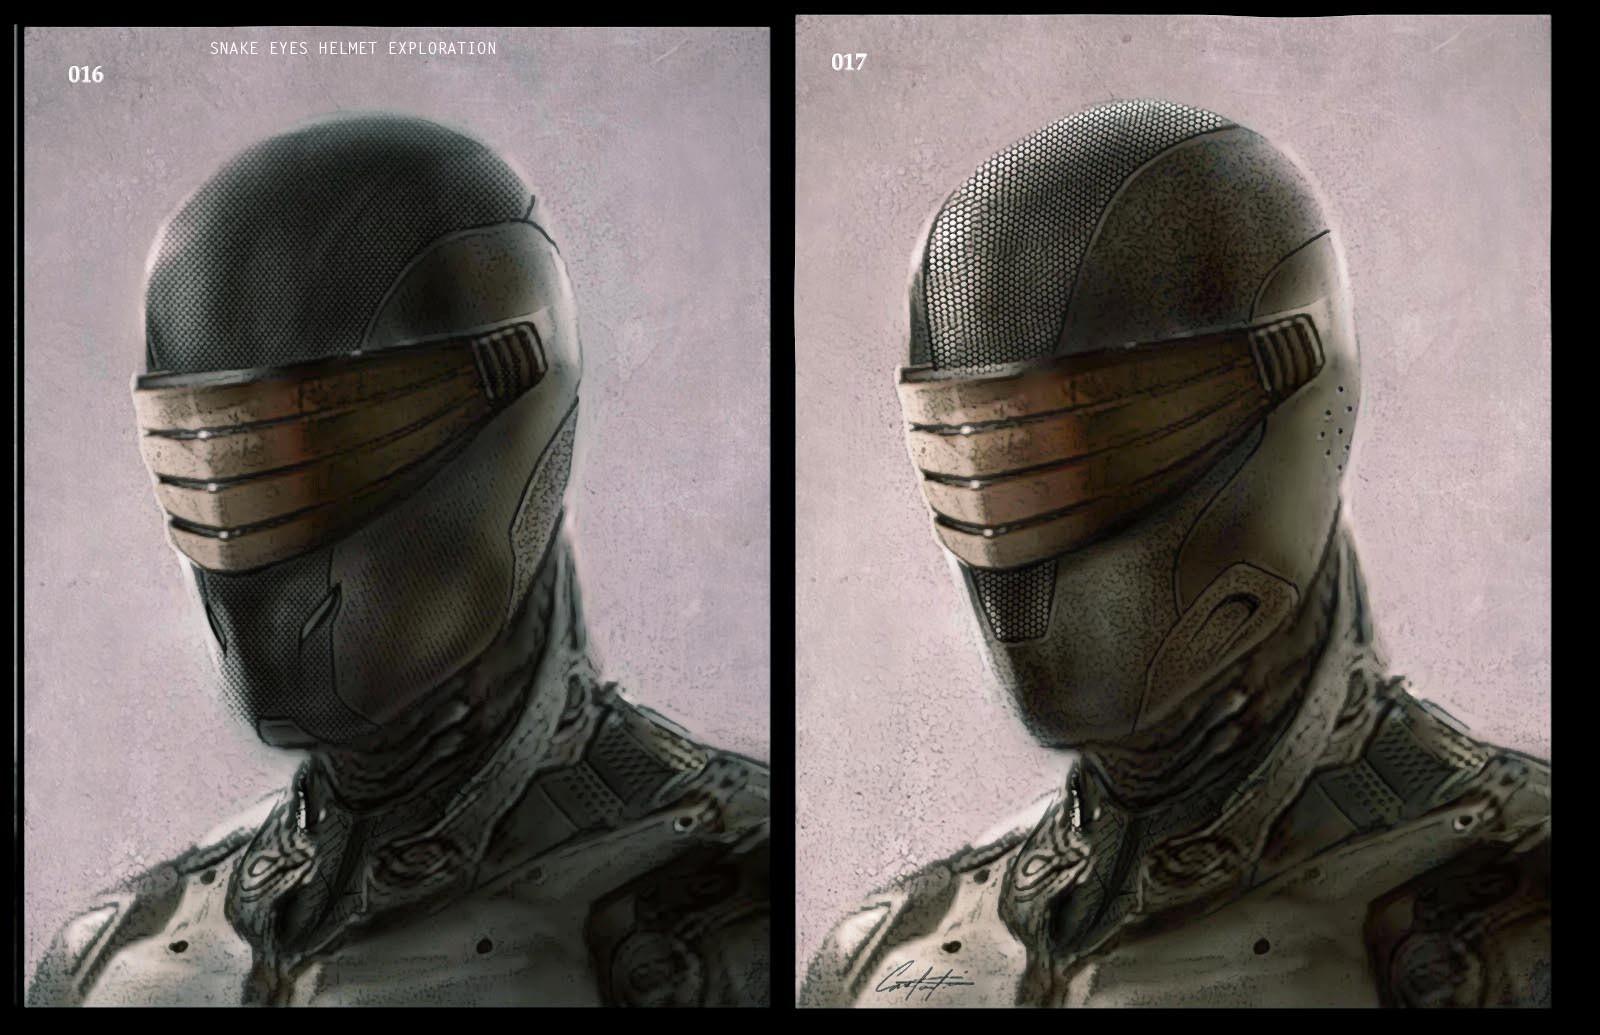 Snake Eyes helmet exploration Concepts